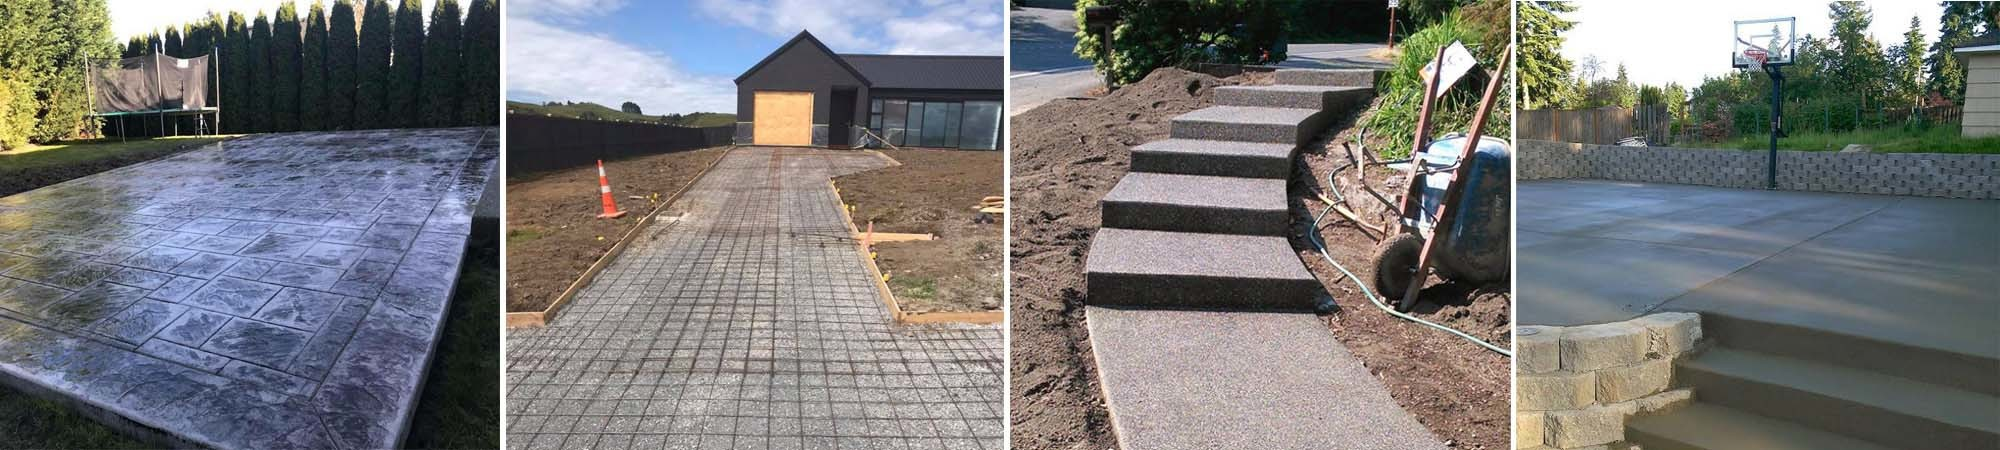 Concrete Driveways Mt Roskill | Concrete Paths, Patio & Steps